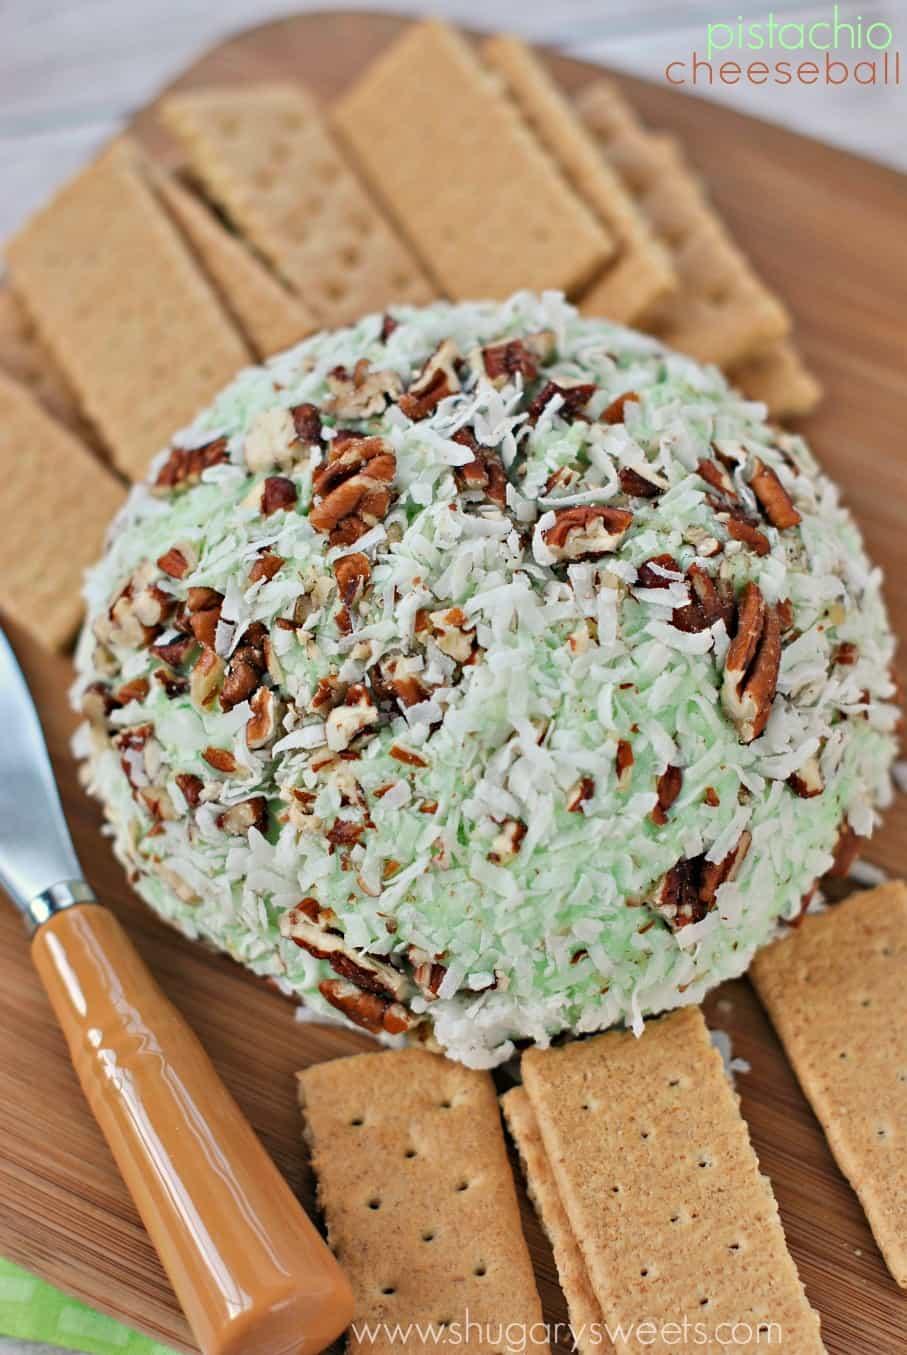 Shugary Sweets: Pistachio Cheeseball